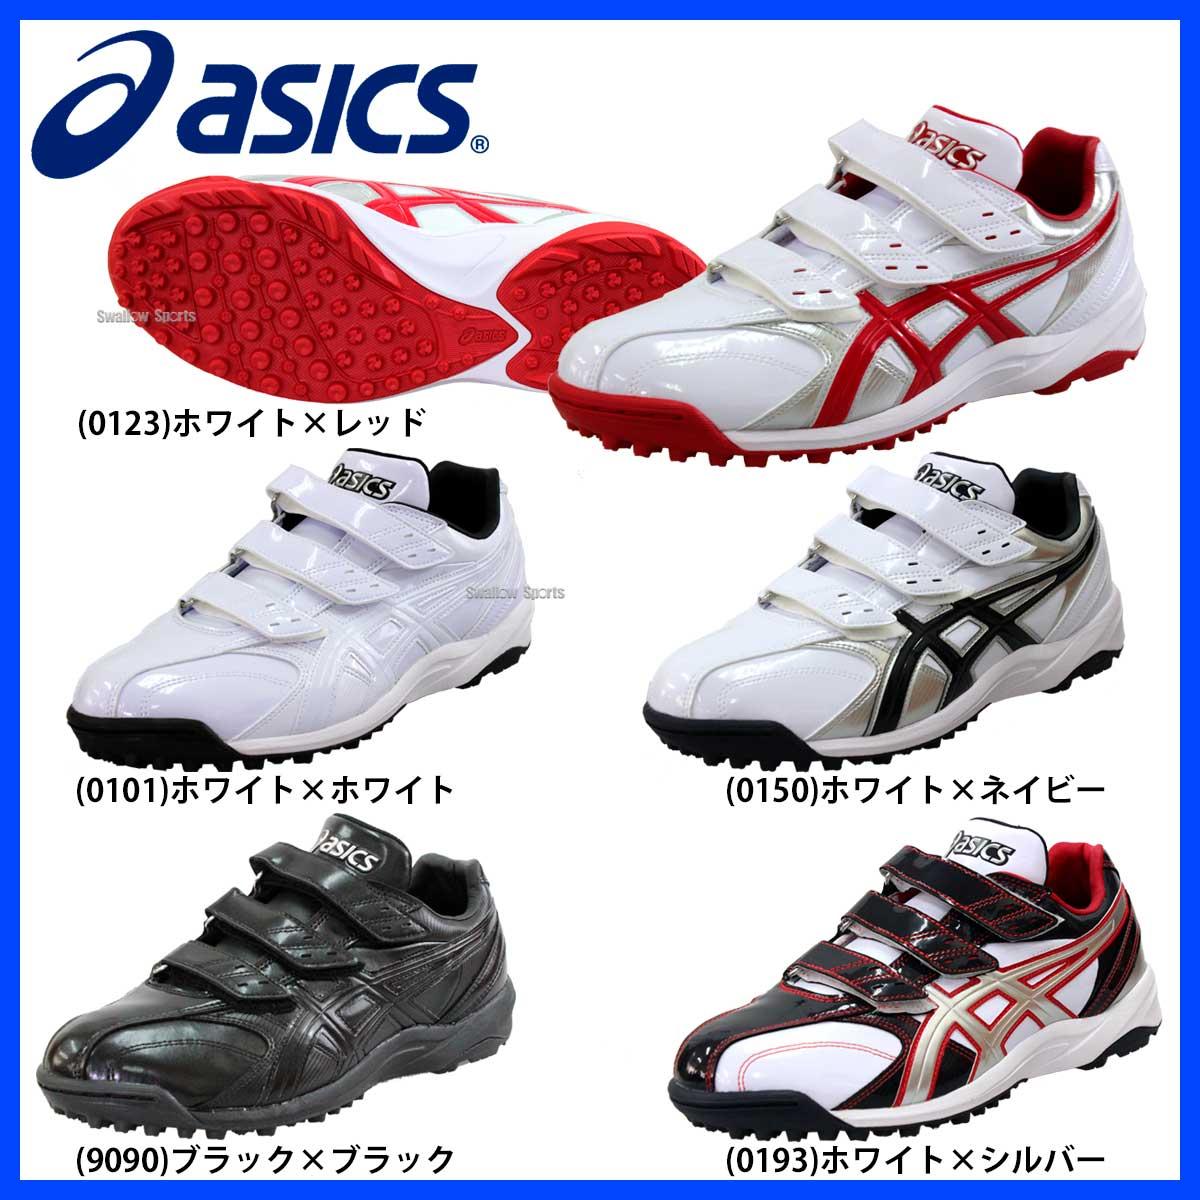 アシックスベースボール トレーニングシューズ ビーミングラスター TR SFT142 野球 トレーニングシューズ スポーツ 野球 靴 野球用品 スワロースポーツ